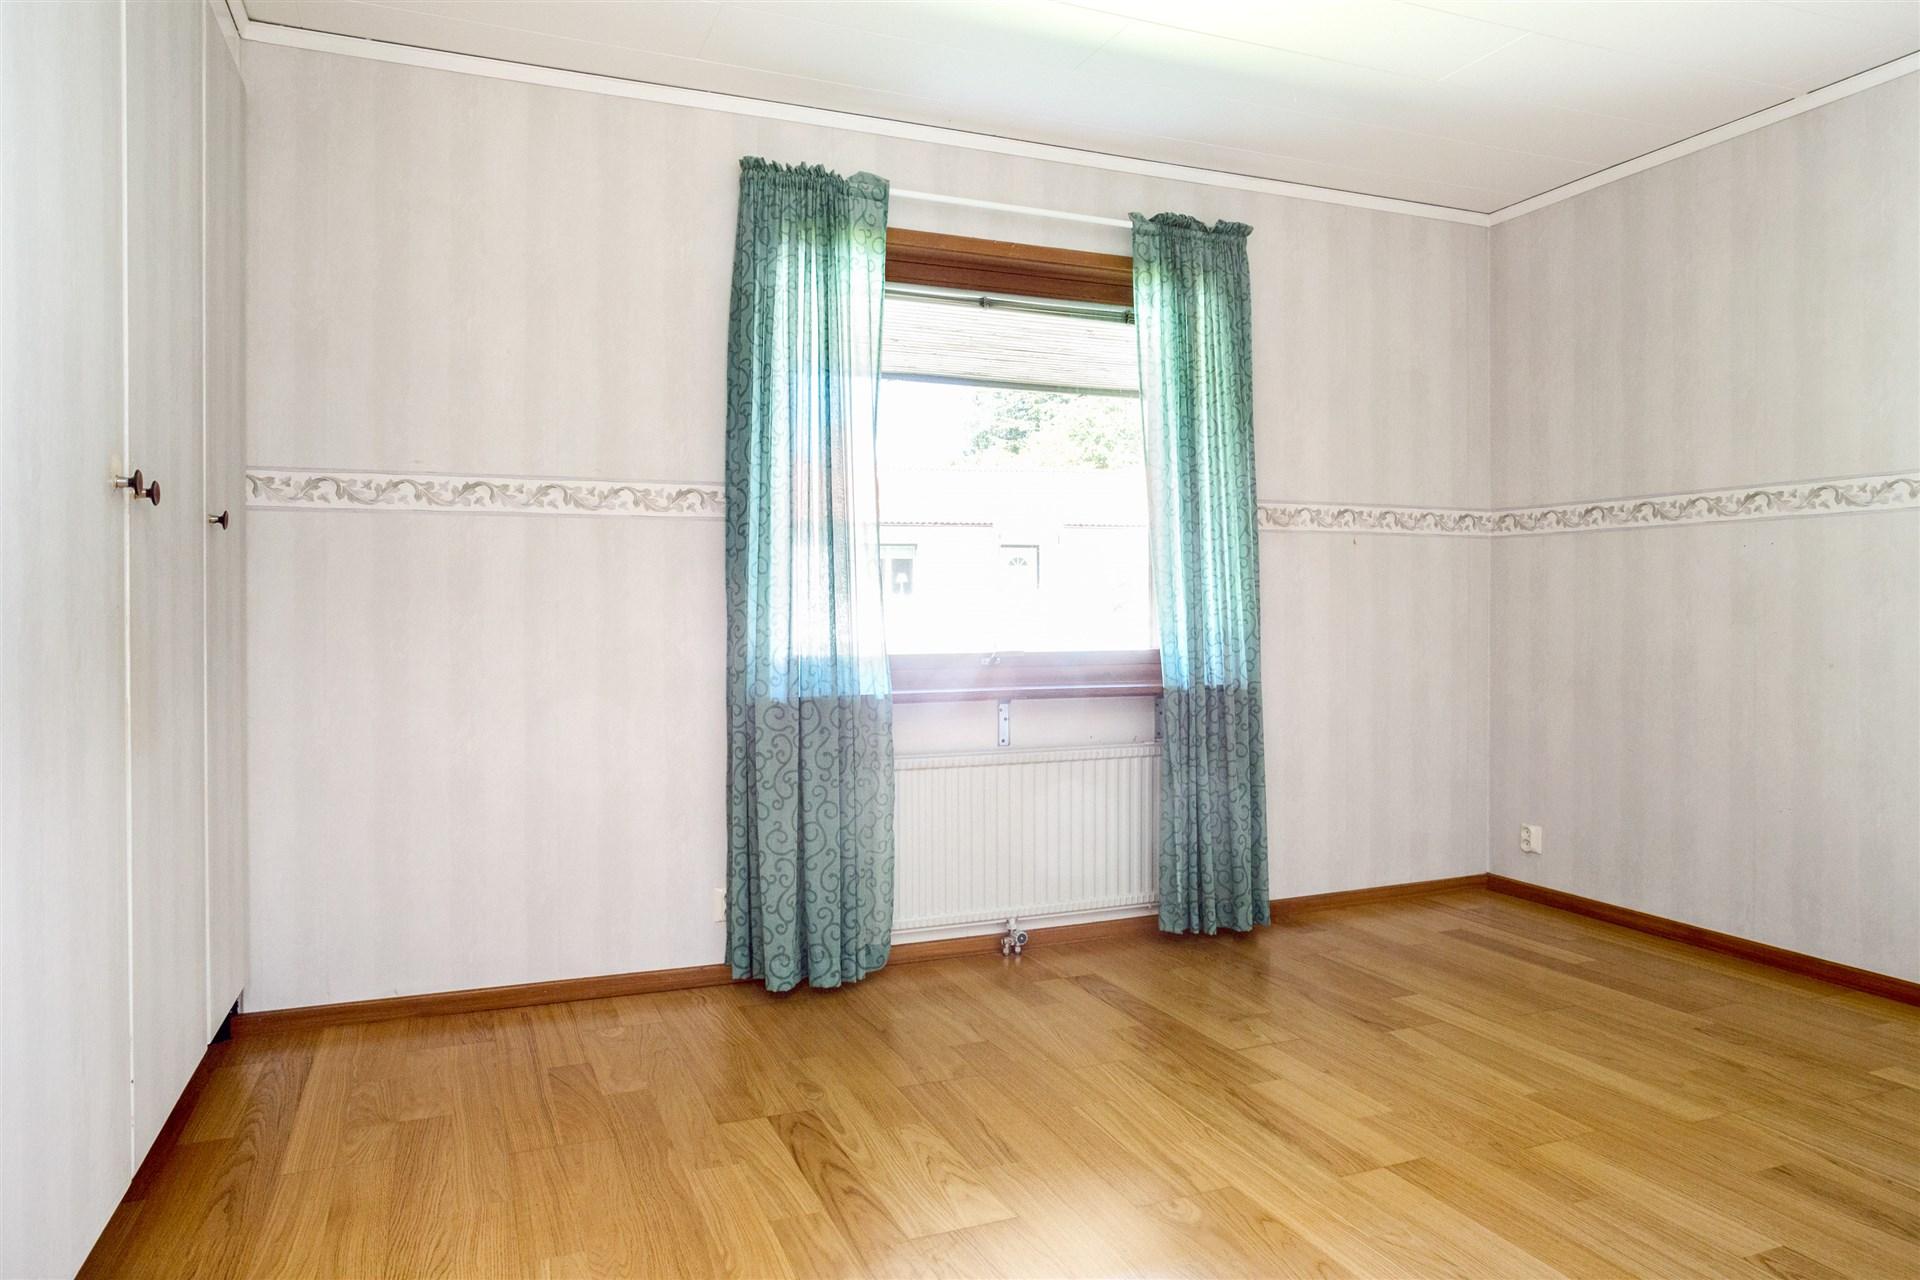 Sovrum 2 med fint parkettgolv och flera garderober.